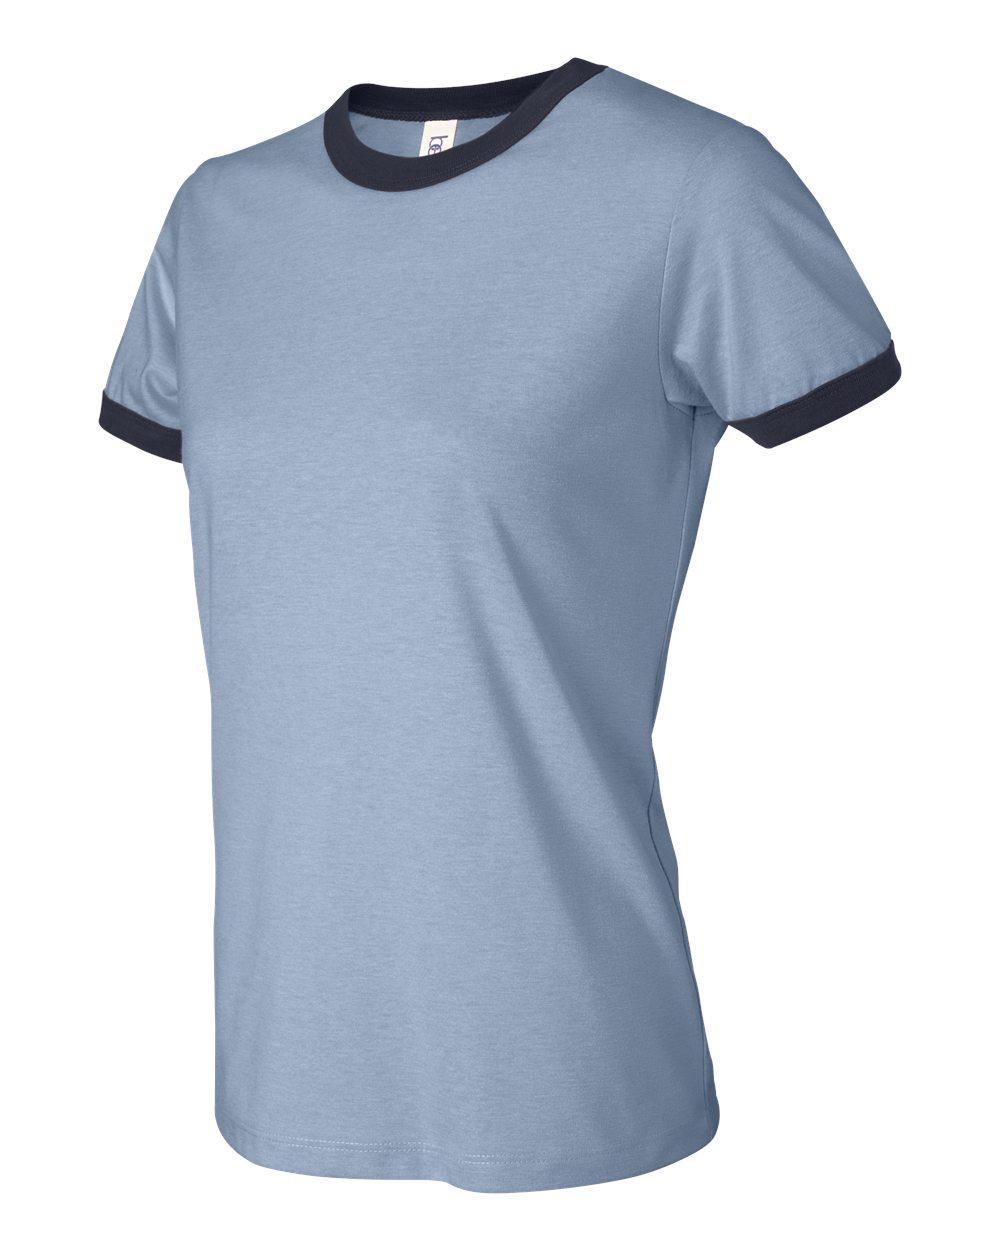 fdc040d6 Bella Canvas Women's Jersey Short-Sleeve Ringer T-Shirt B6050 S-2XL ...